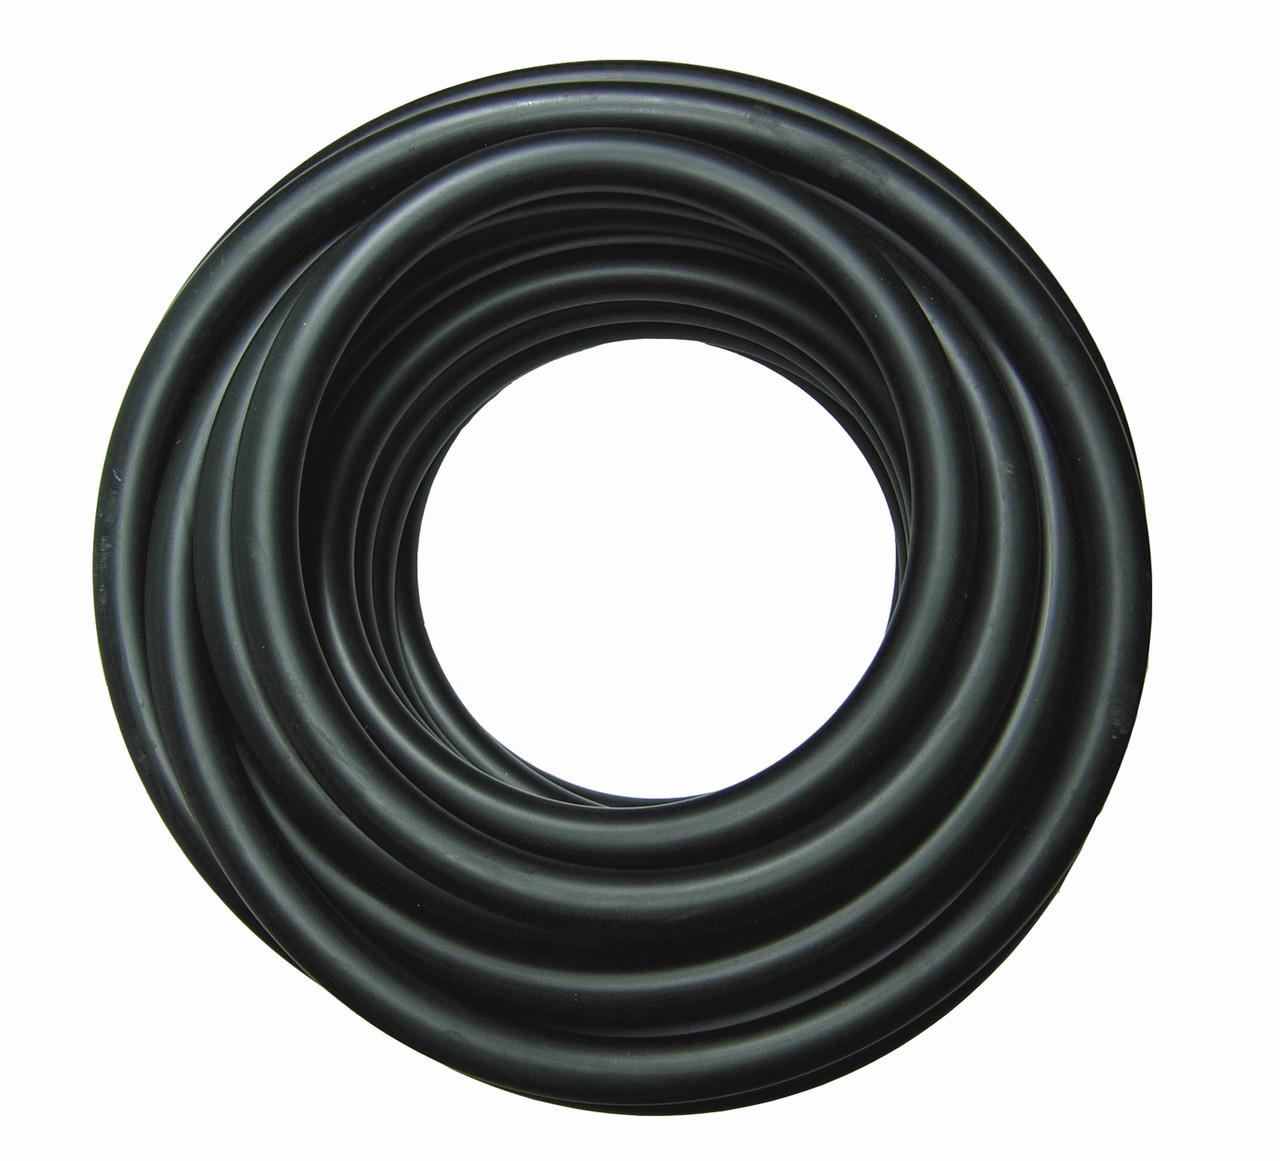 Шланг ПВХ чорний повітряний 4мм AquaNova